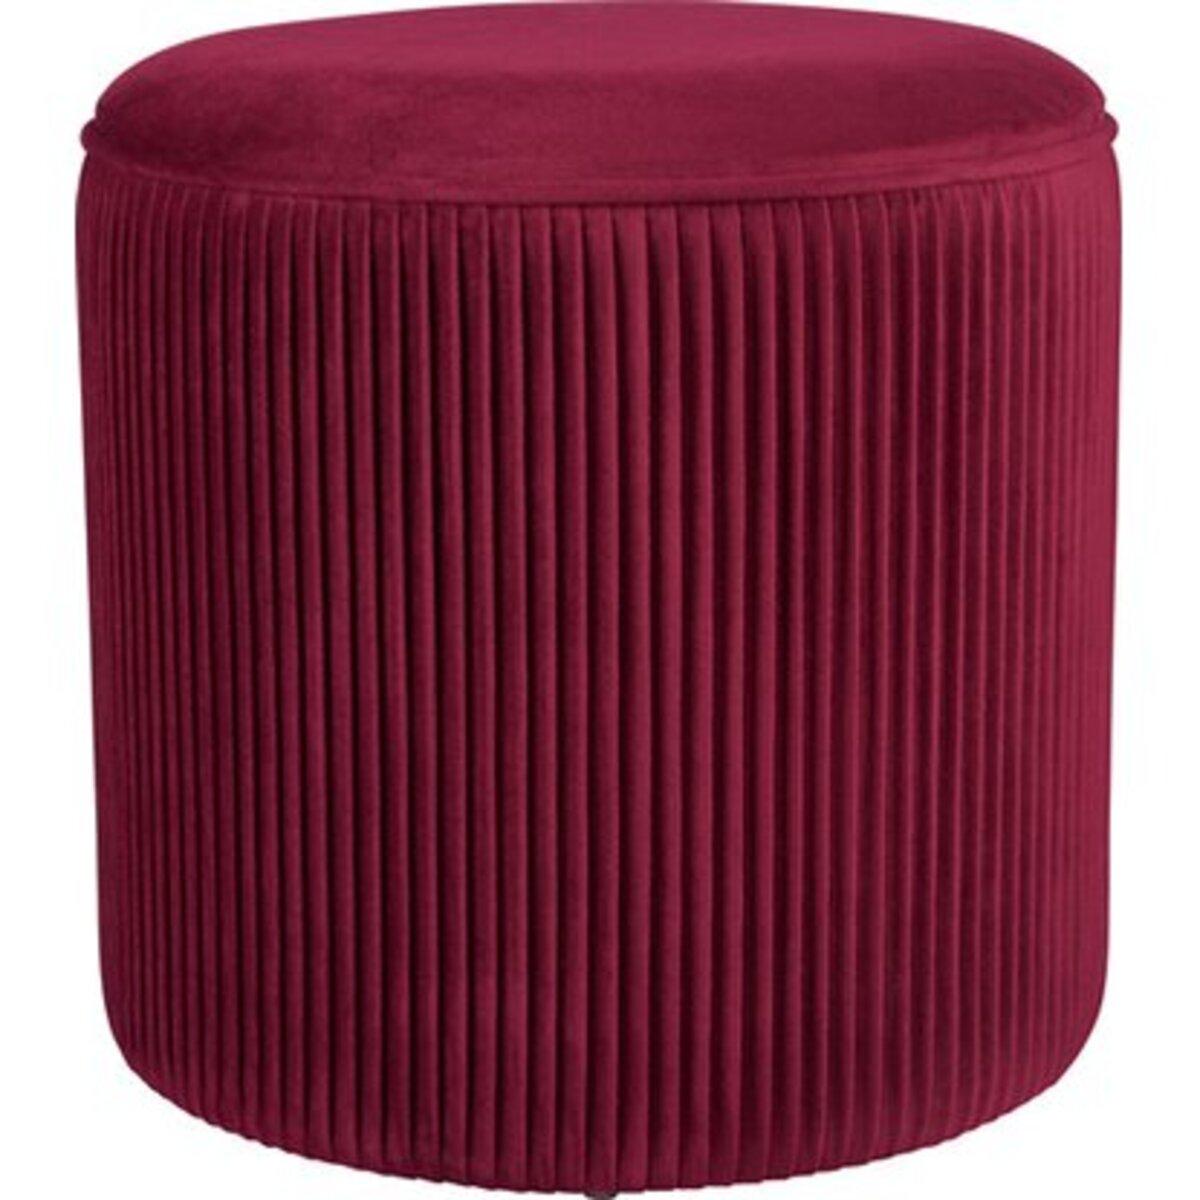 Bild 1 von Sitzhocker Blush Bordeaux MDF 40 cm x Ø 40 cm Burgunderrot